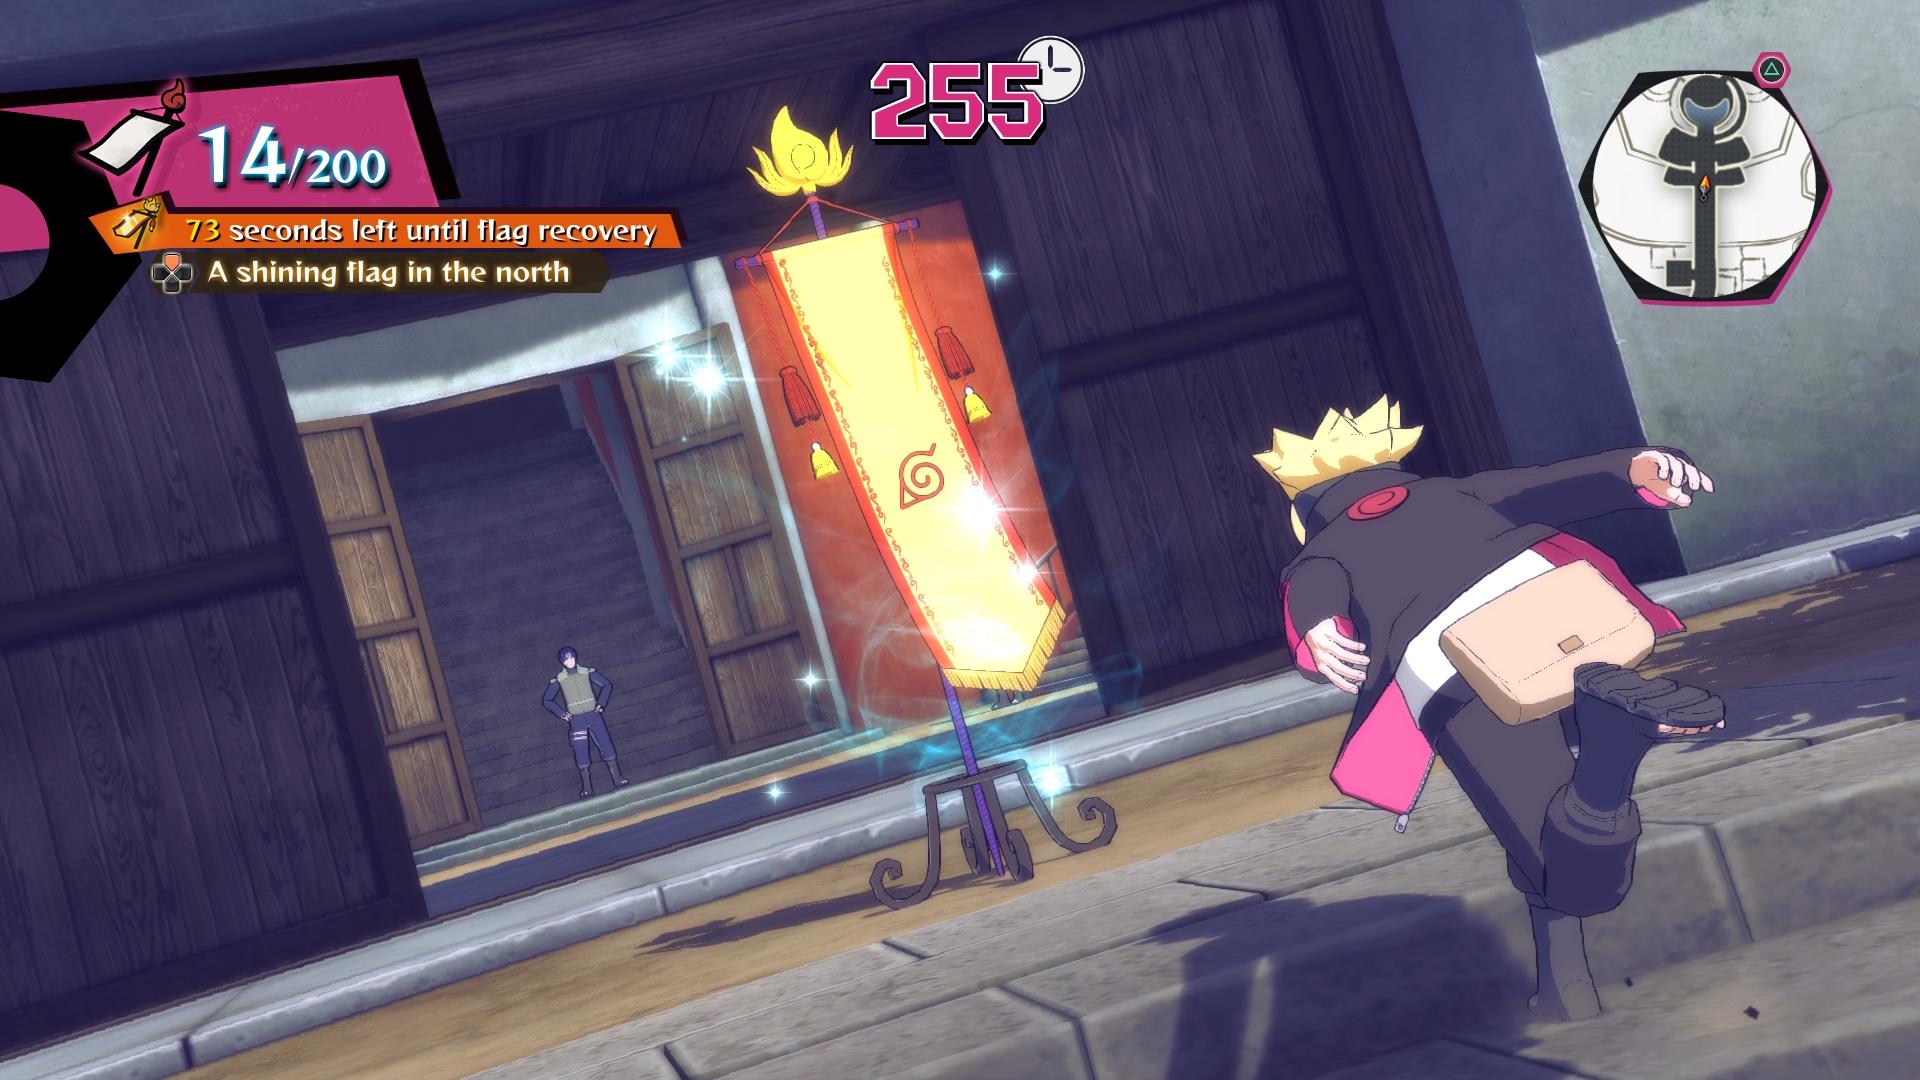 Naruto Shippuden: Ultimate Ninja Storm 4 - Naruto Shippuden: Ultimate Ninja Storm 4